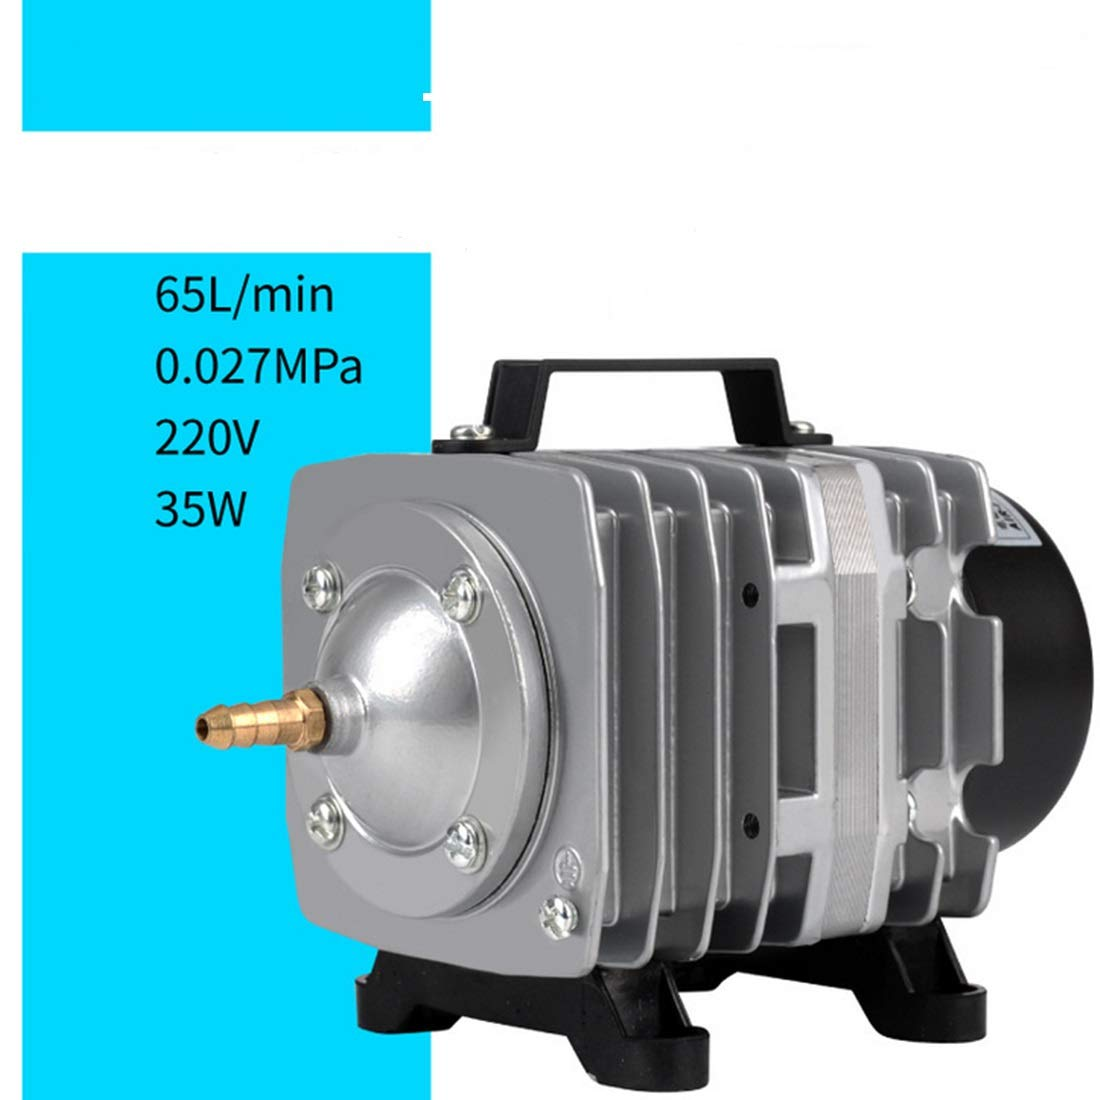 FELICIPP Lega di Alluminio Heavy Duty 35W Crescente Pompa di Ossigeno per Acquario, Stagno, acquaponica, Coltura idroponica